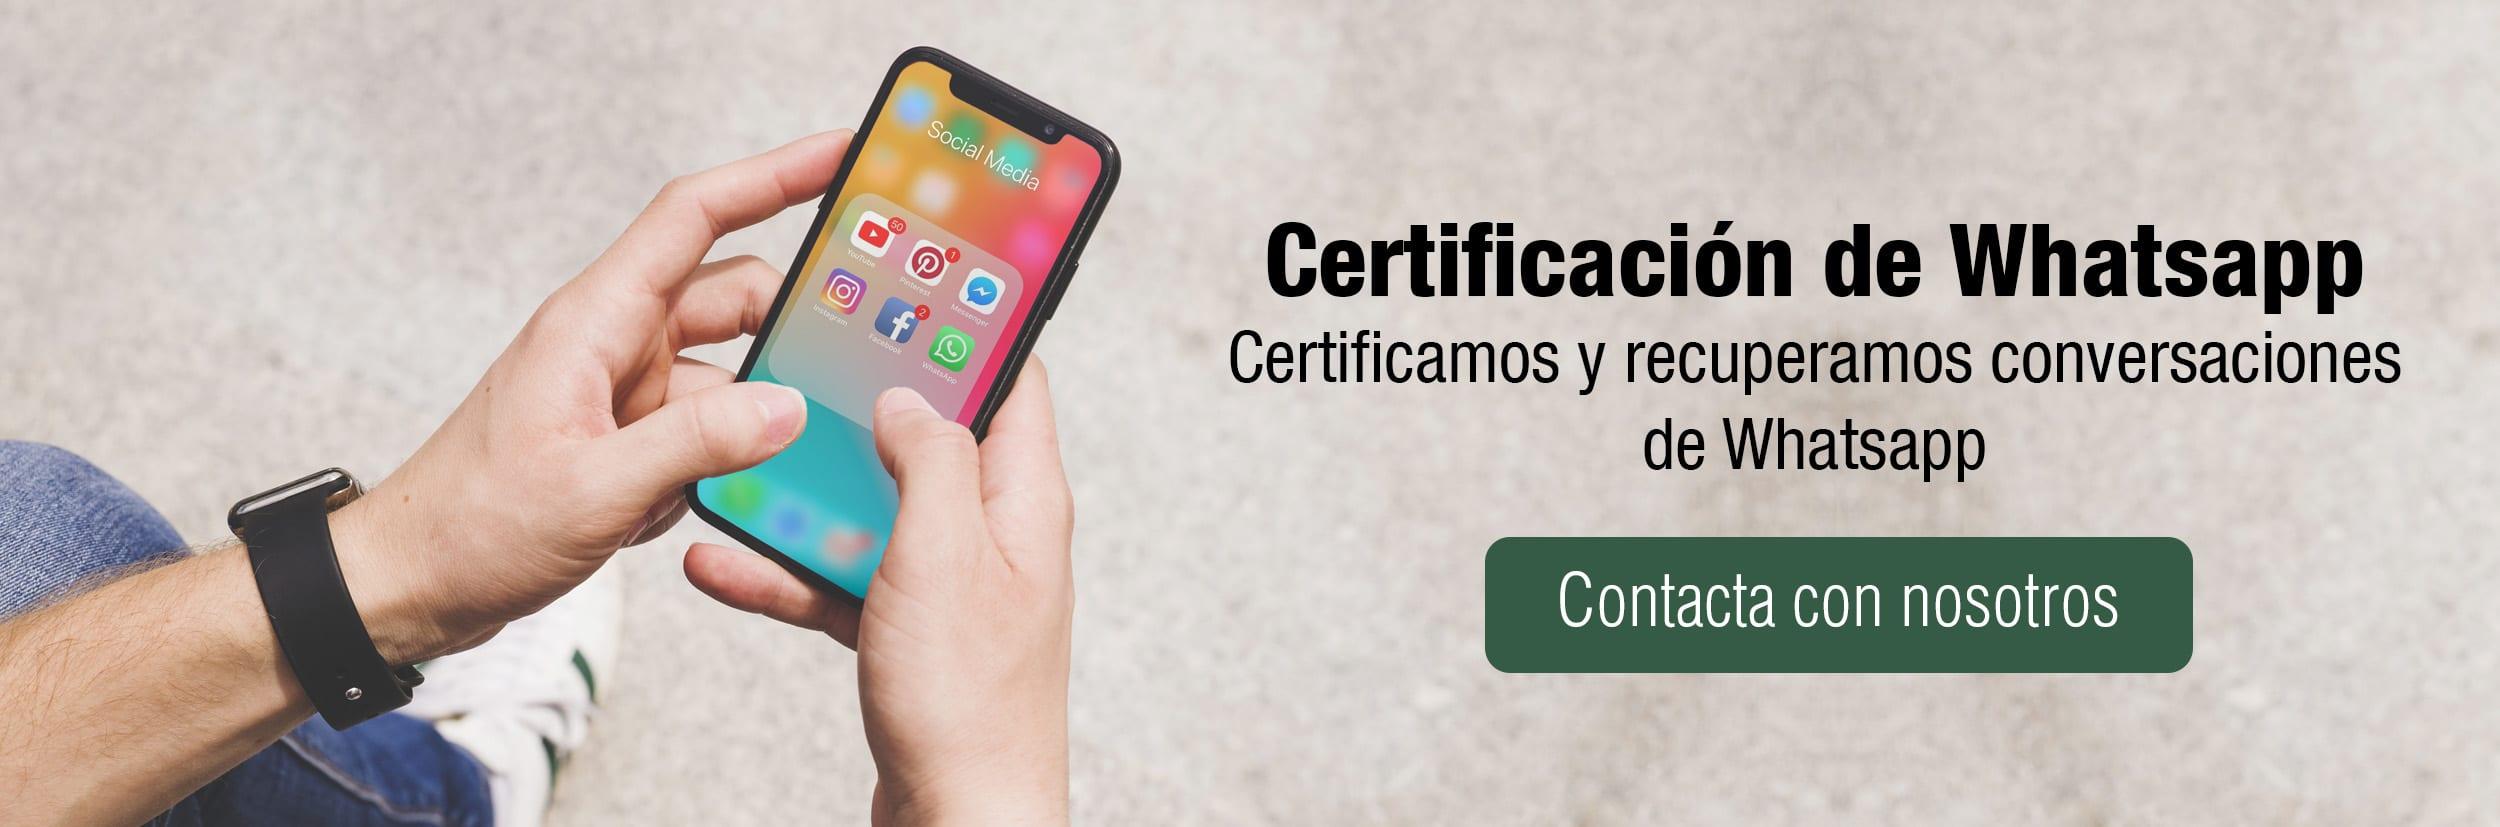 certificacion y recuperacion de whatsapp